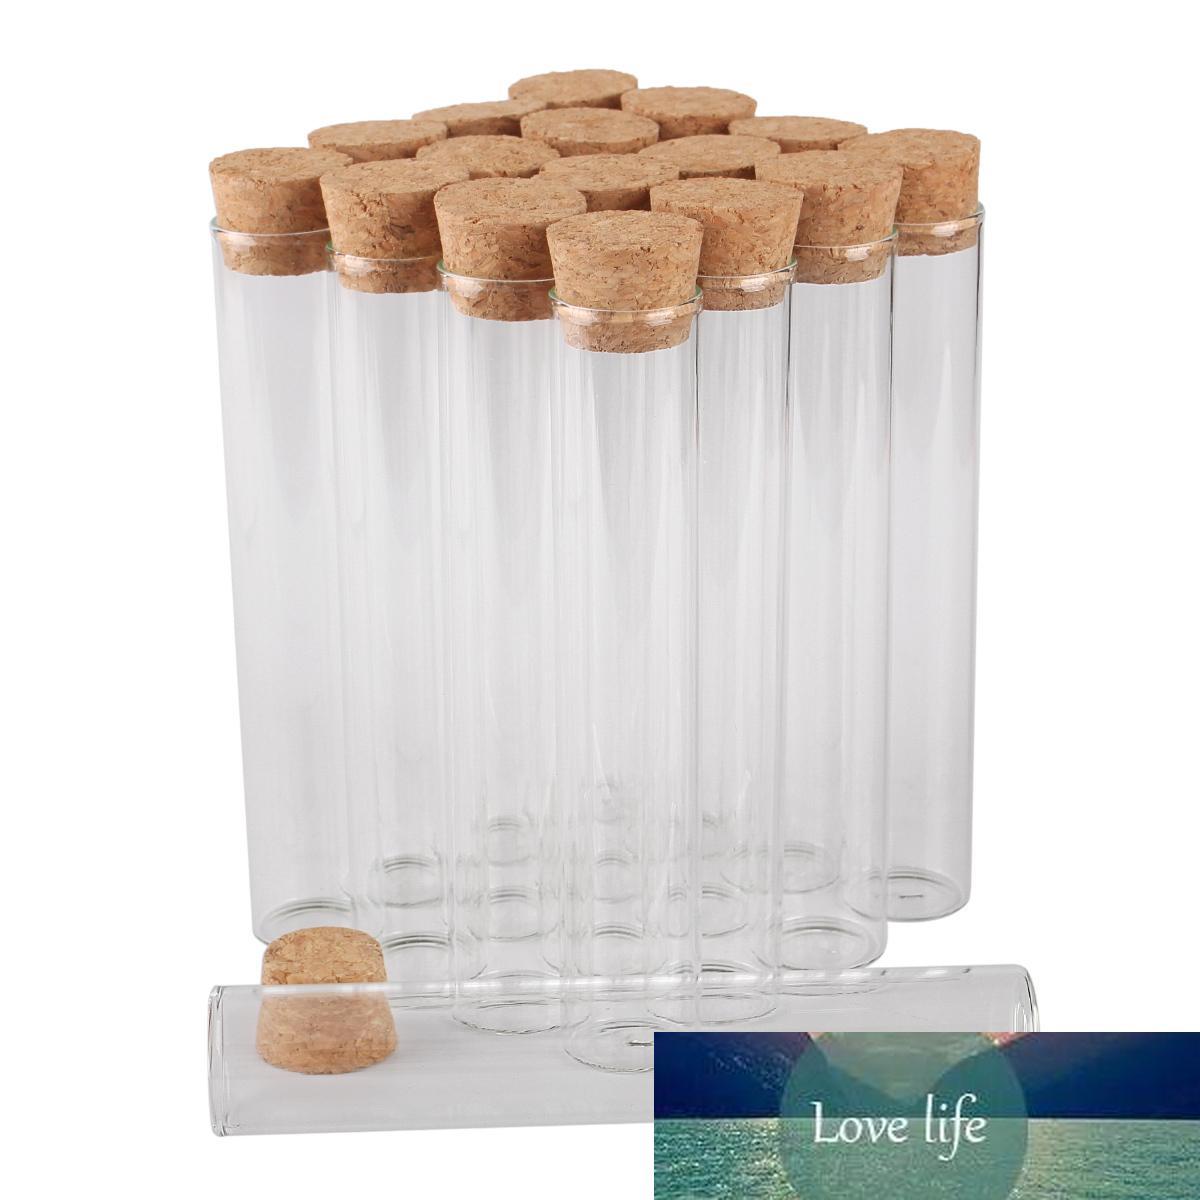 Vente en gros 48 pièces 34ml 22 * 120mm Tubes à essai avec bouchon en liège Bottes en verre Vials de verre Tiny bouteilles en verre pour accessoires de bricolage artisanat